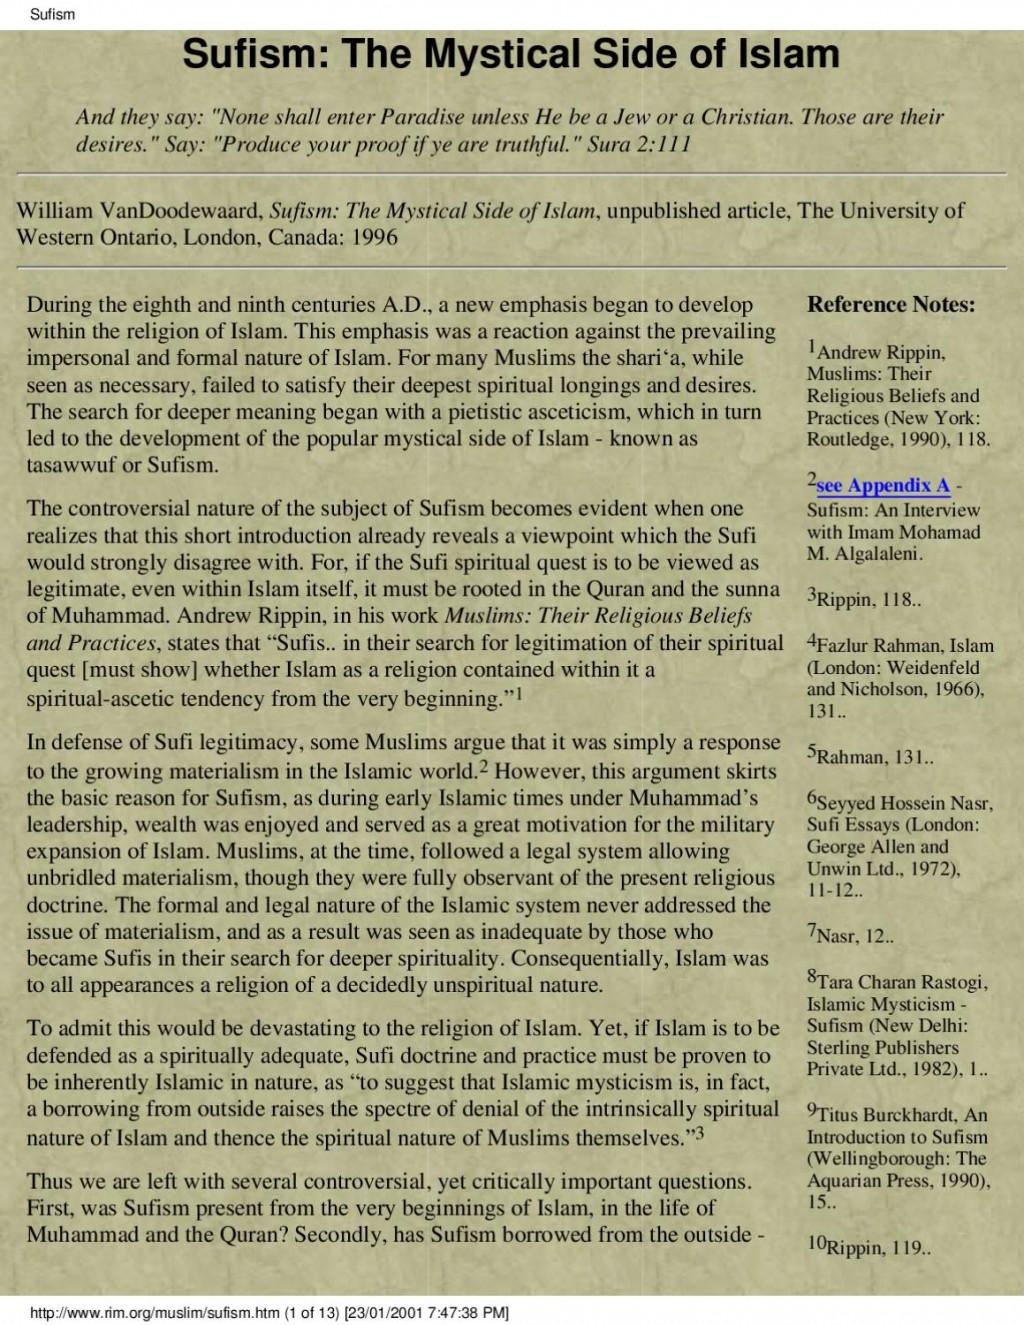 003 Sufi Essays Essay Example Page 1 Singular Seyyed Hossein Nasr Pdf Large